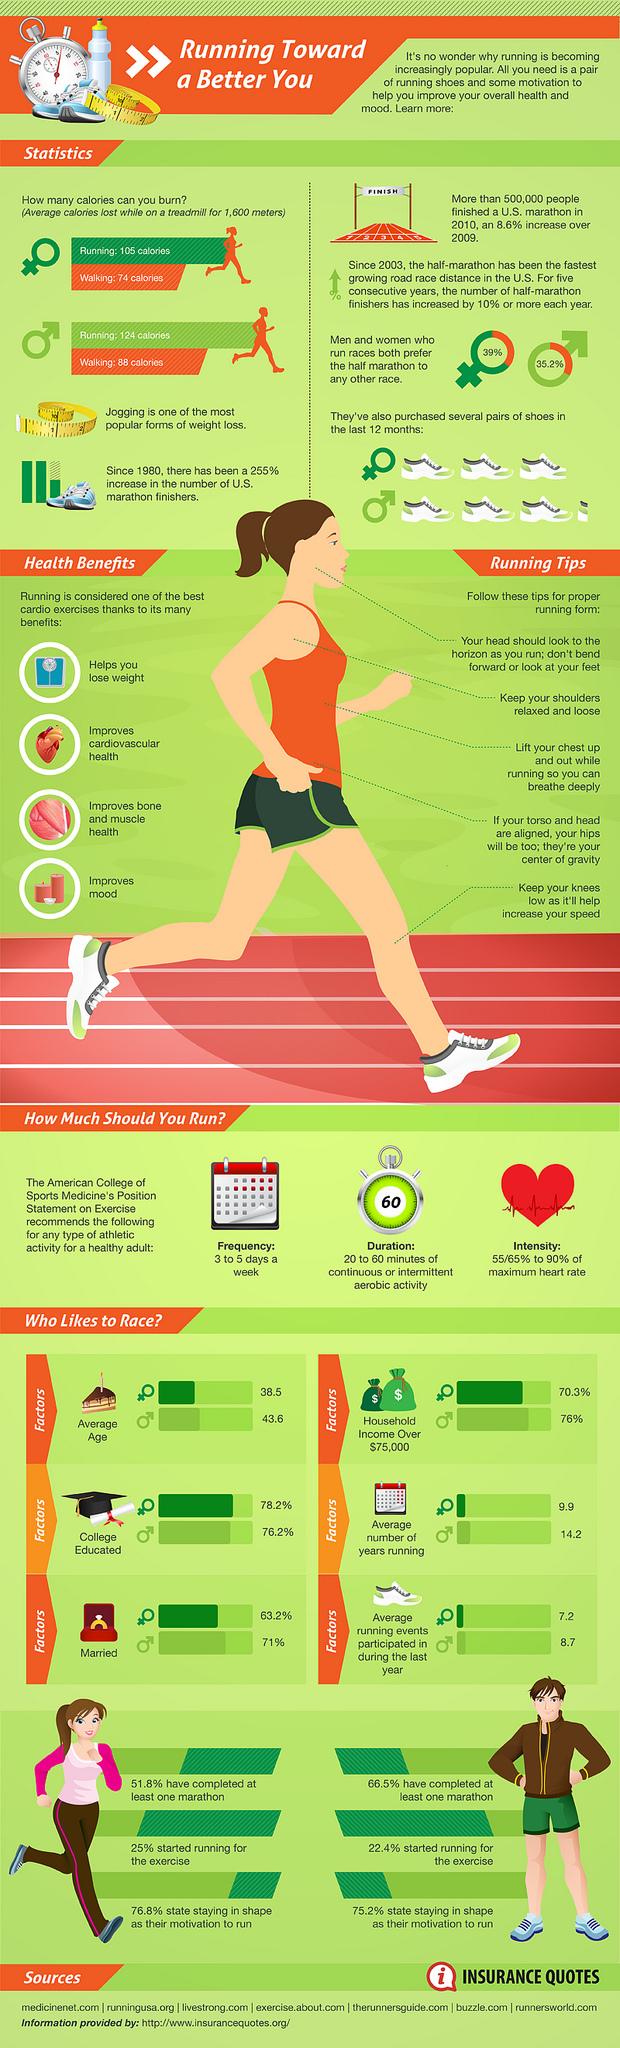 Running Infographic  #running #fitness #infographic